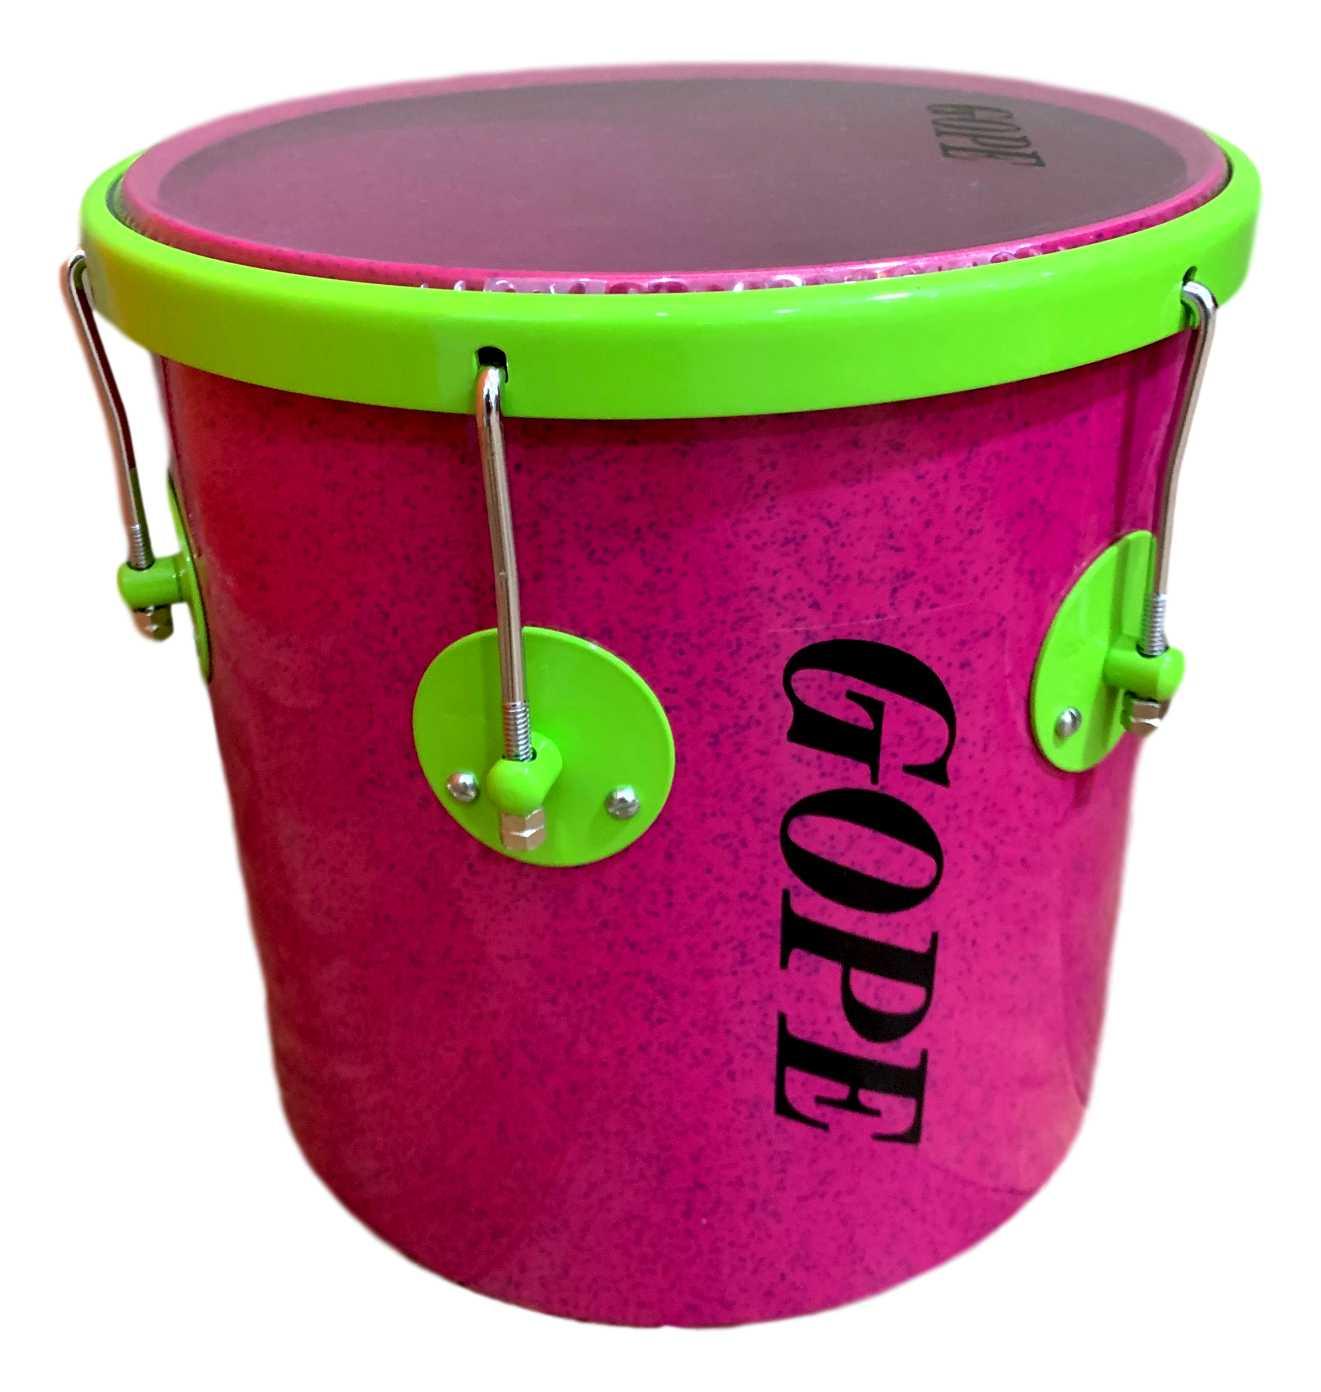 Repique de Mão Gope 11 pol Rosa e aro Verde Limao Pele Cristal